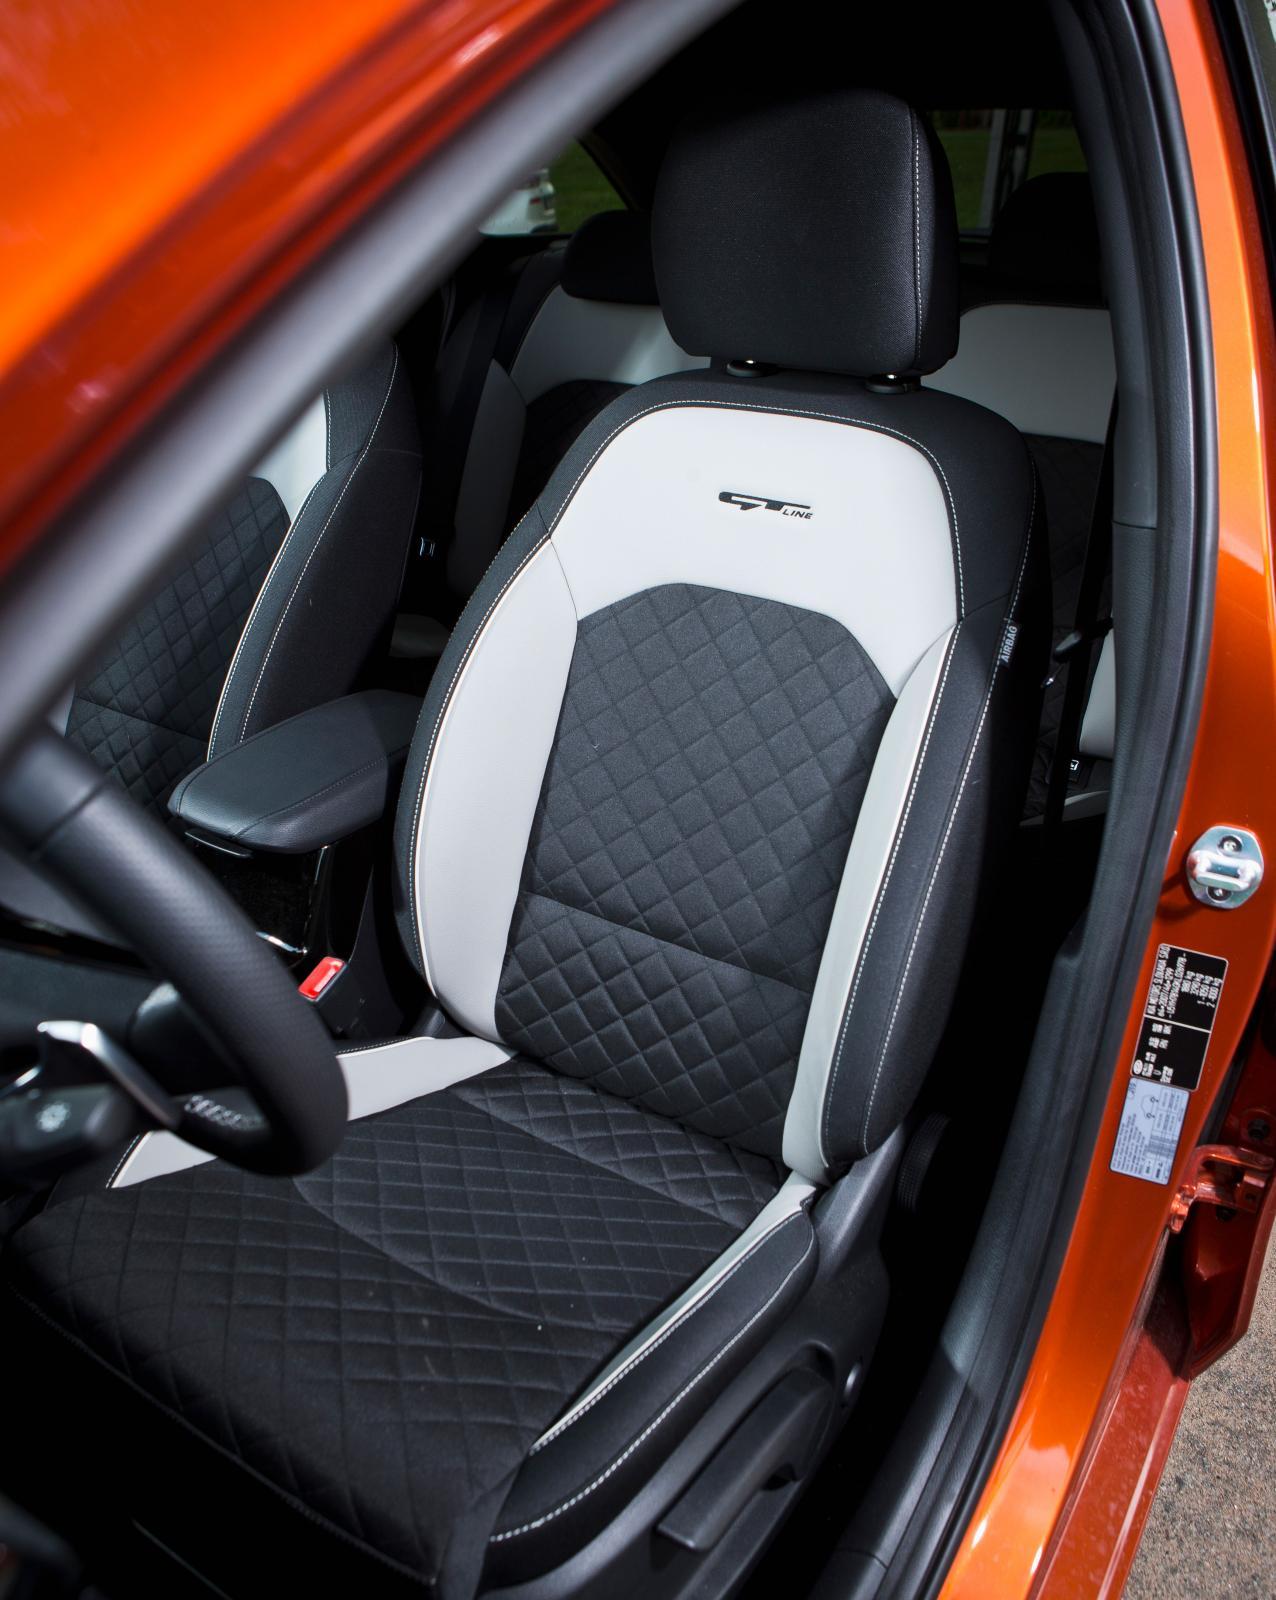 I Kia blir vi hela tiden påminda om hur skönt ratten är utformad jämfört med de andra testbilarnas. Det råder inte lika stor enighet om nyttan av avfasad underkant på kringlan.